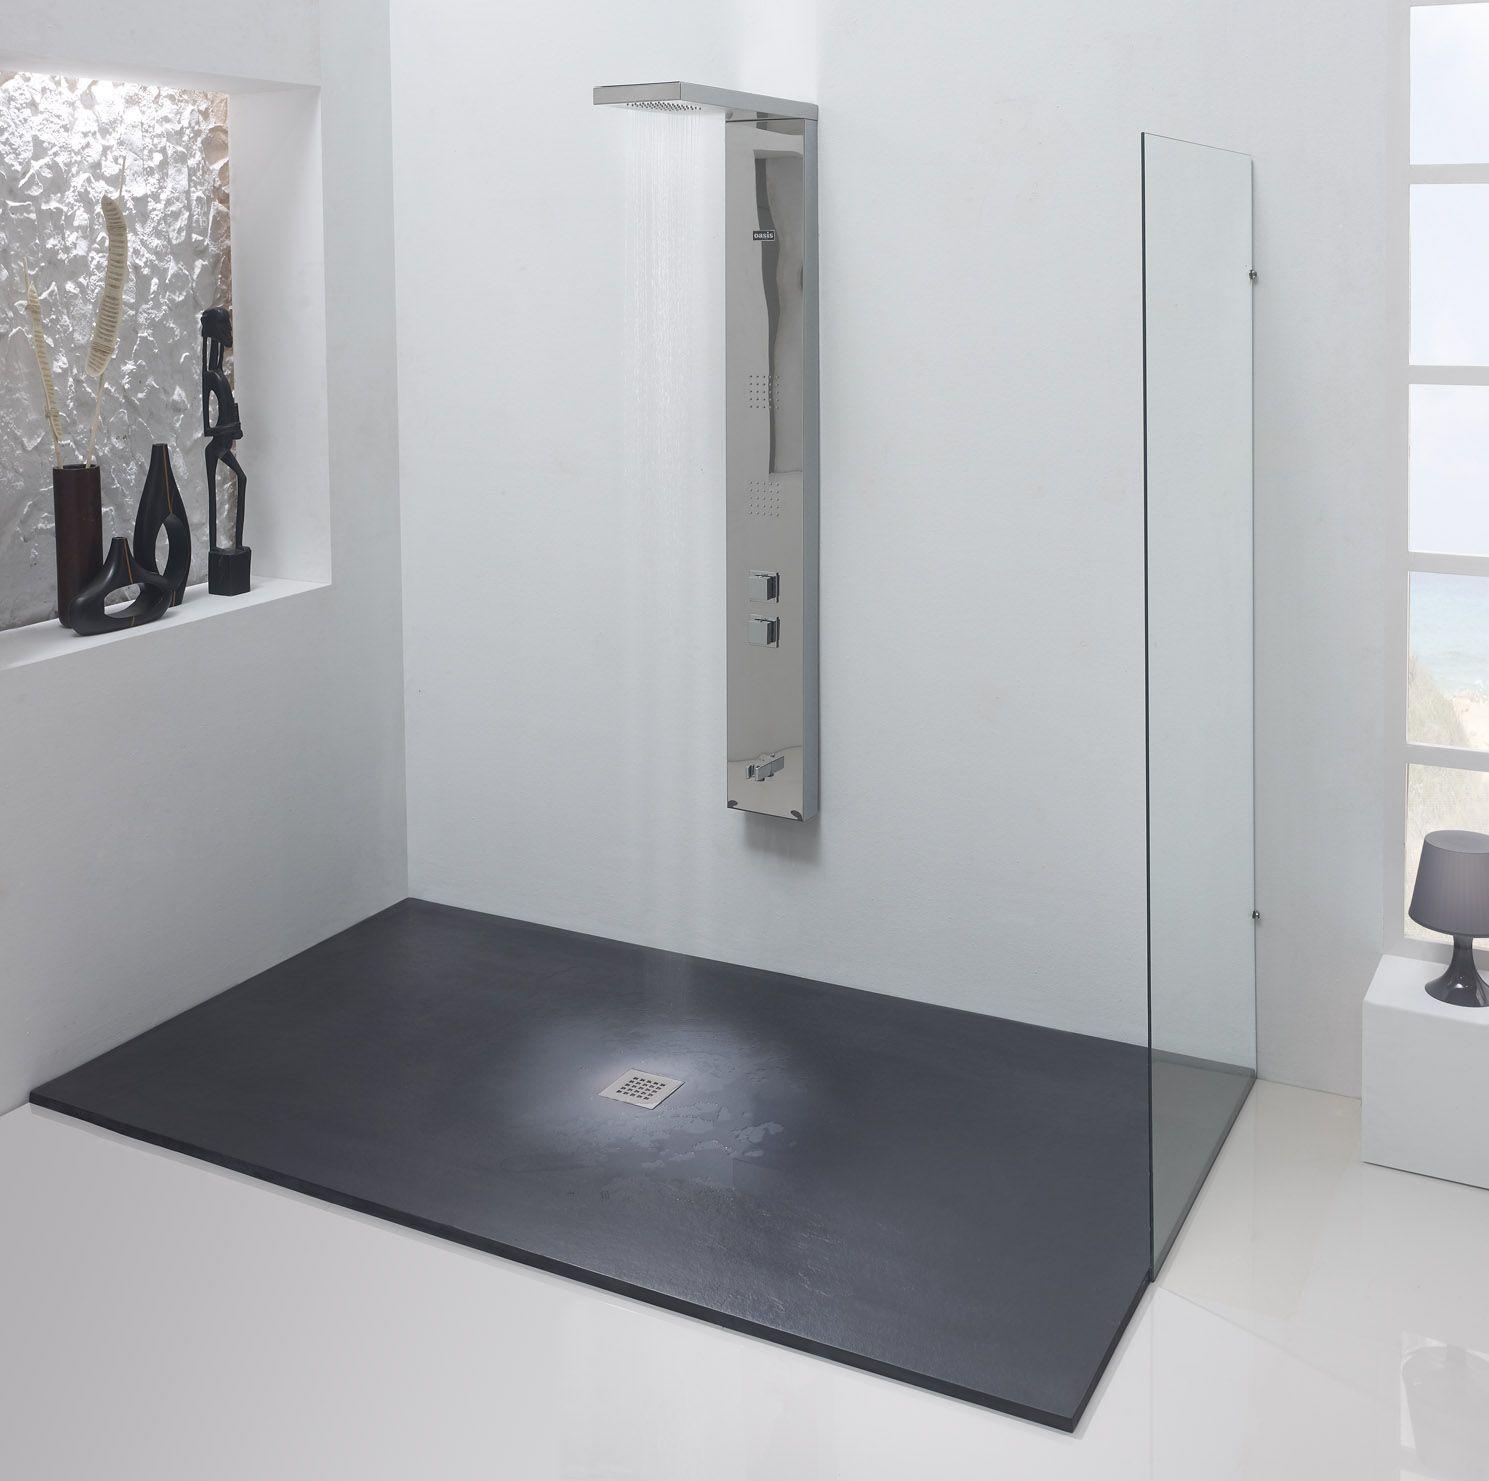 Platos de ducha de dise o creativo y diferentes formatos - Ducha de diseno ...